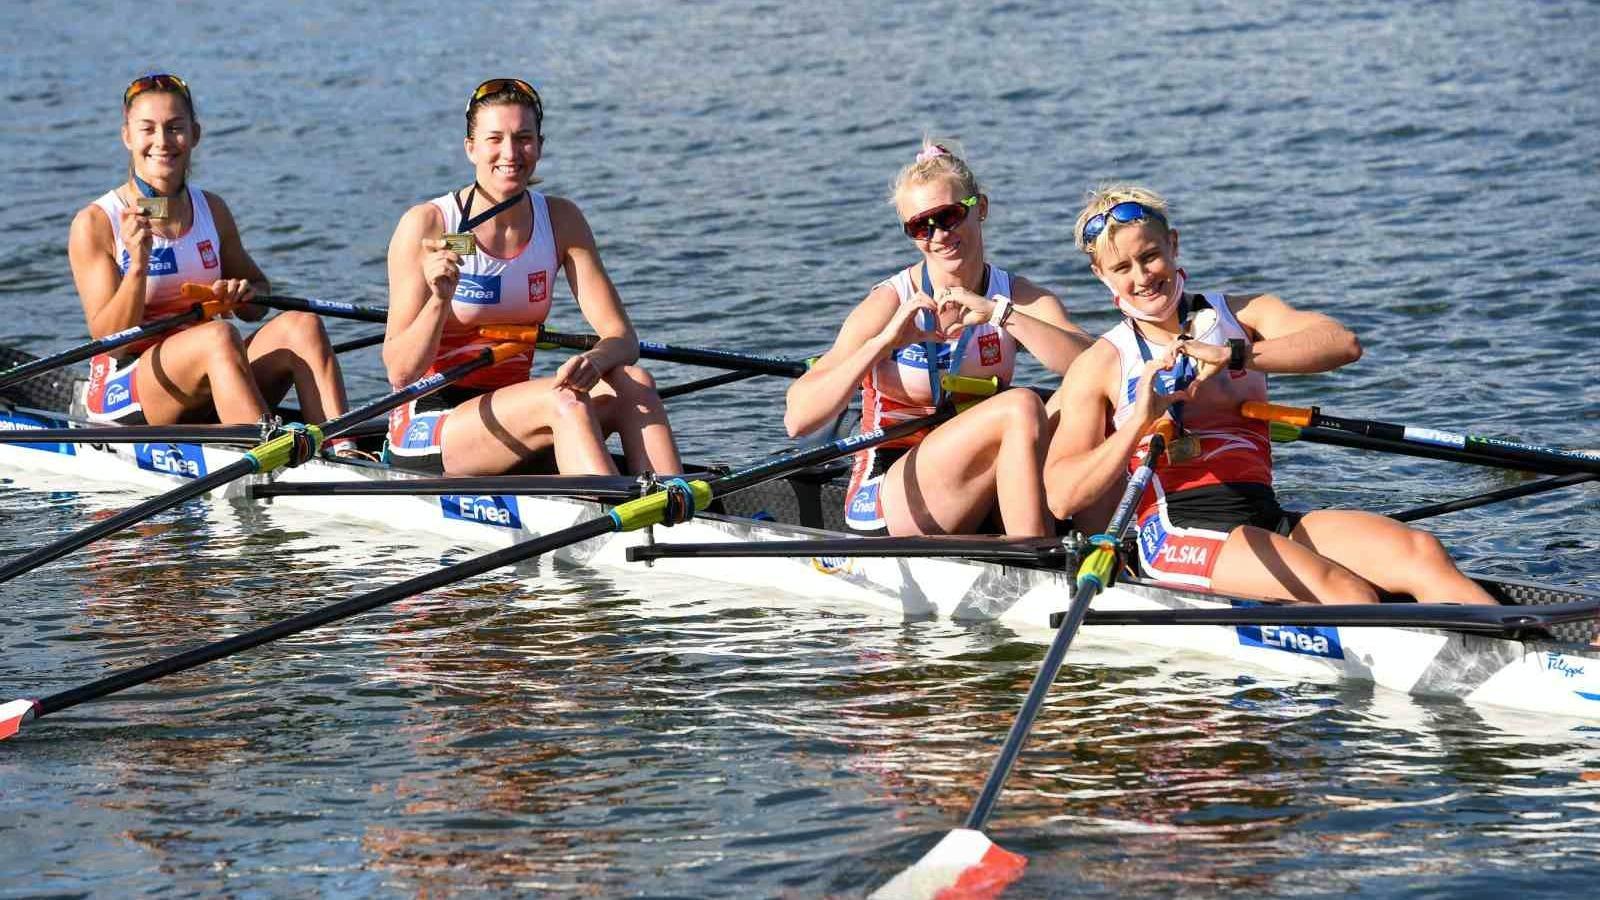 Zdjęcie przedstawia cztery zawodniczki w łódce na jeziorze Maltańskim. - grafika artykułu